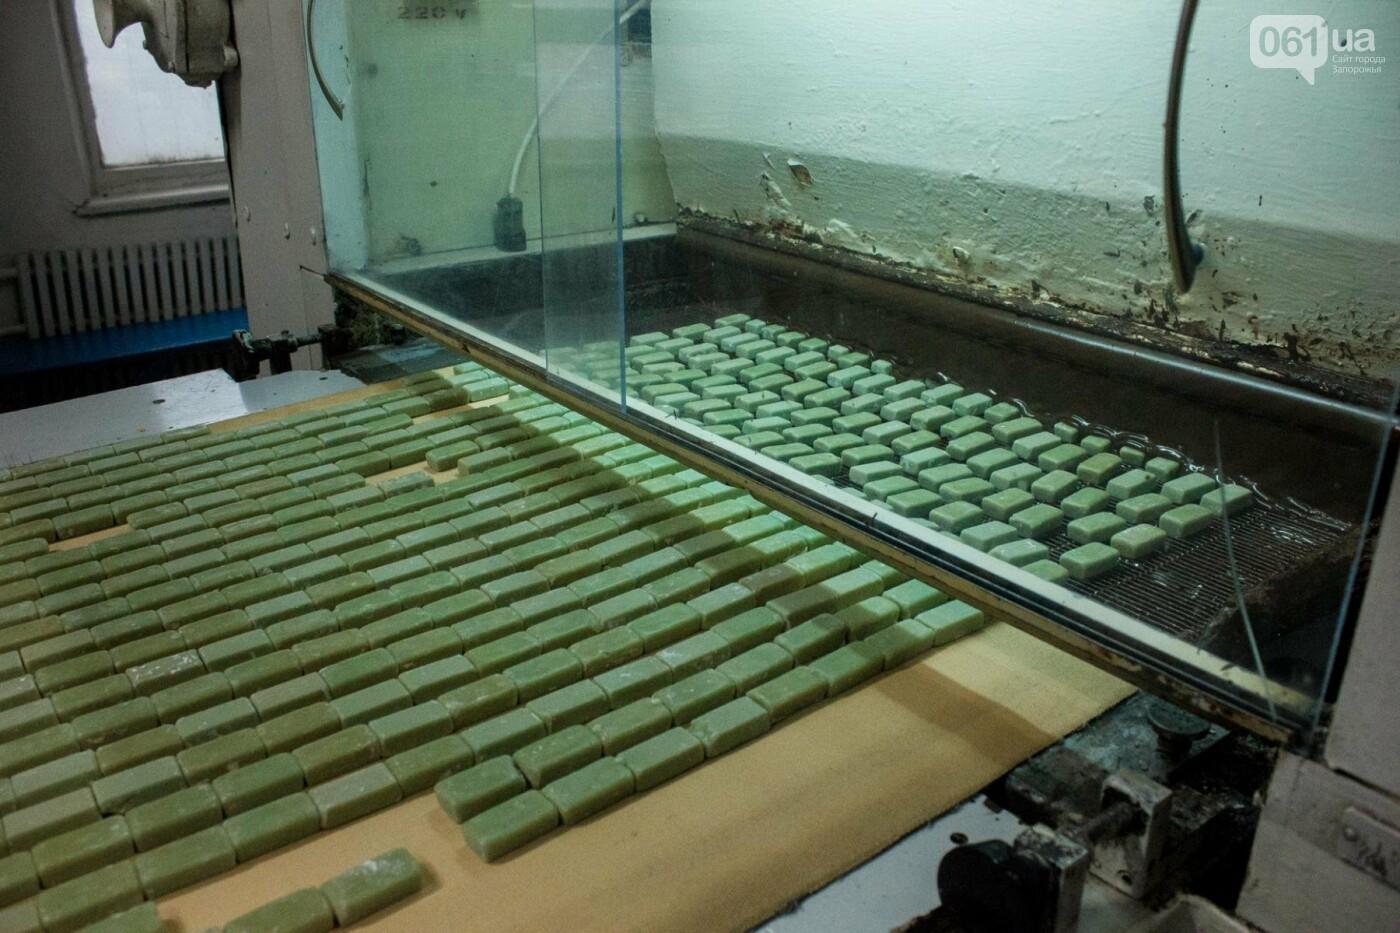 Как в Запорожье делают конфеты: экскурсия на кондитерскую фабрику, – ФОТОРЕПОРТАЖ, фото-23